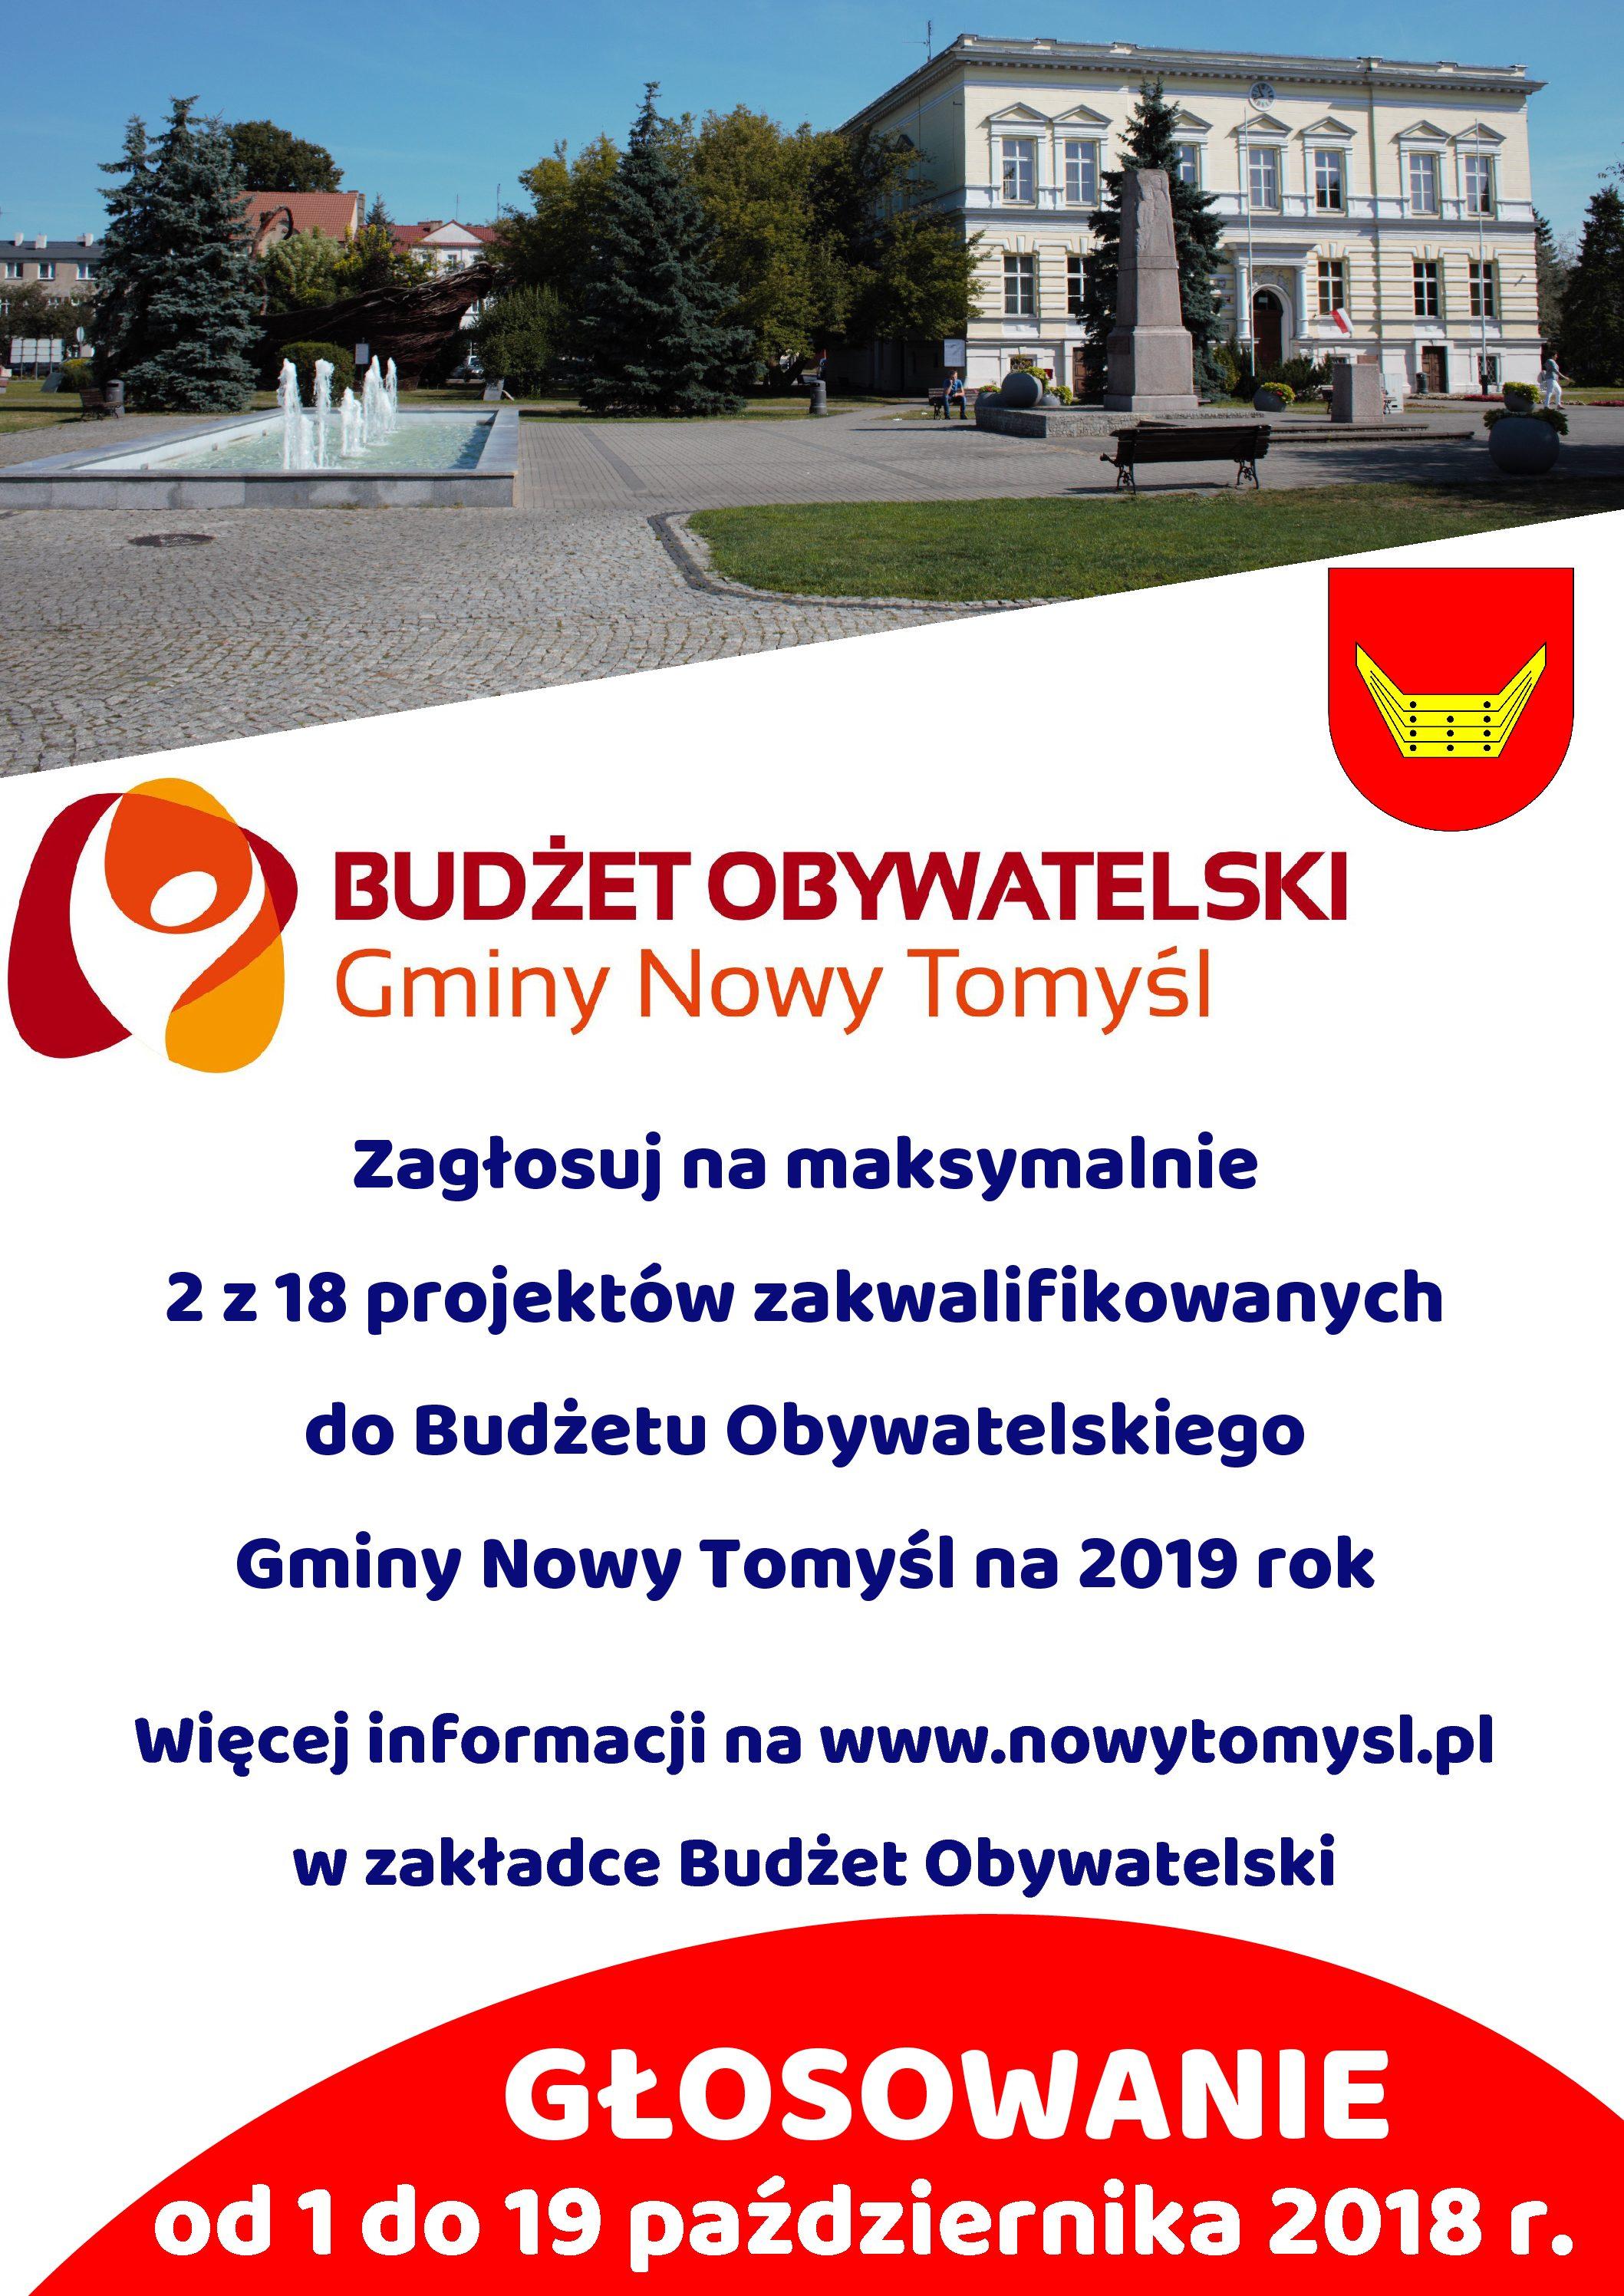 Budżet obywatelski – zapraszamy do udziału w głosowaniu!